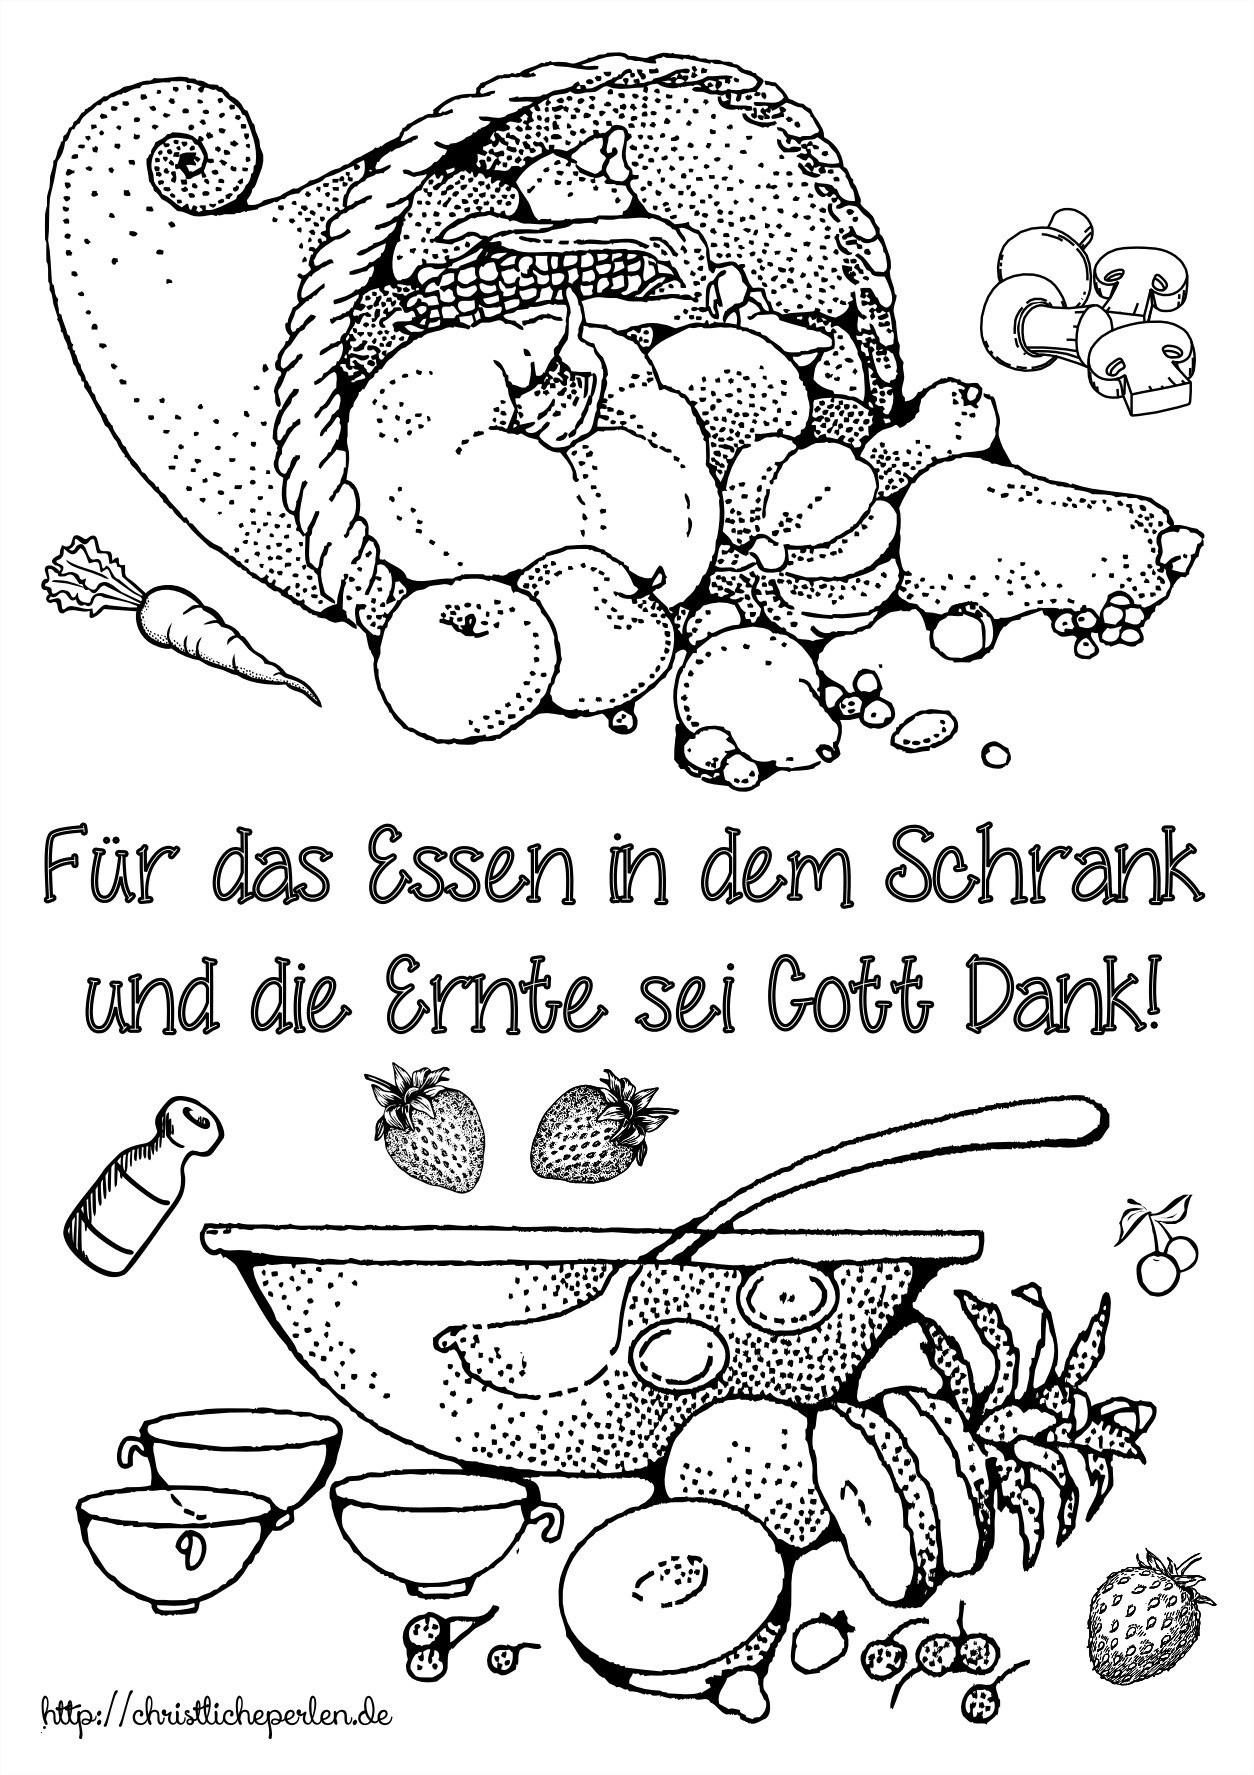 Ausmalbilder Prinzessin sofia Neu 37 sofia Die Erste Ausmalbilder Zum Ausdrucken Scoredatscore Neu Sammlung